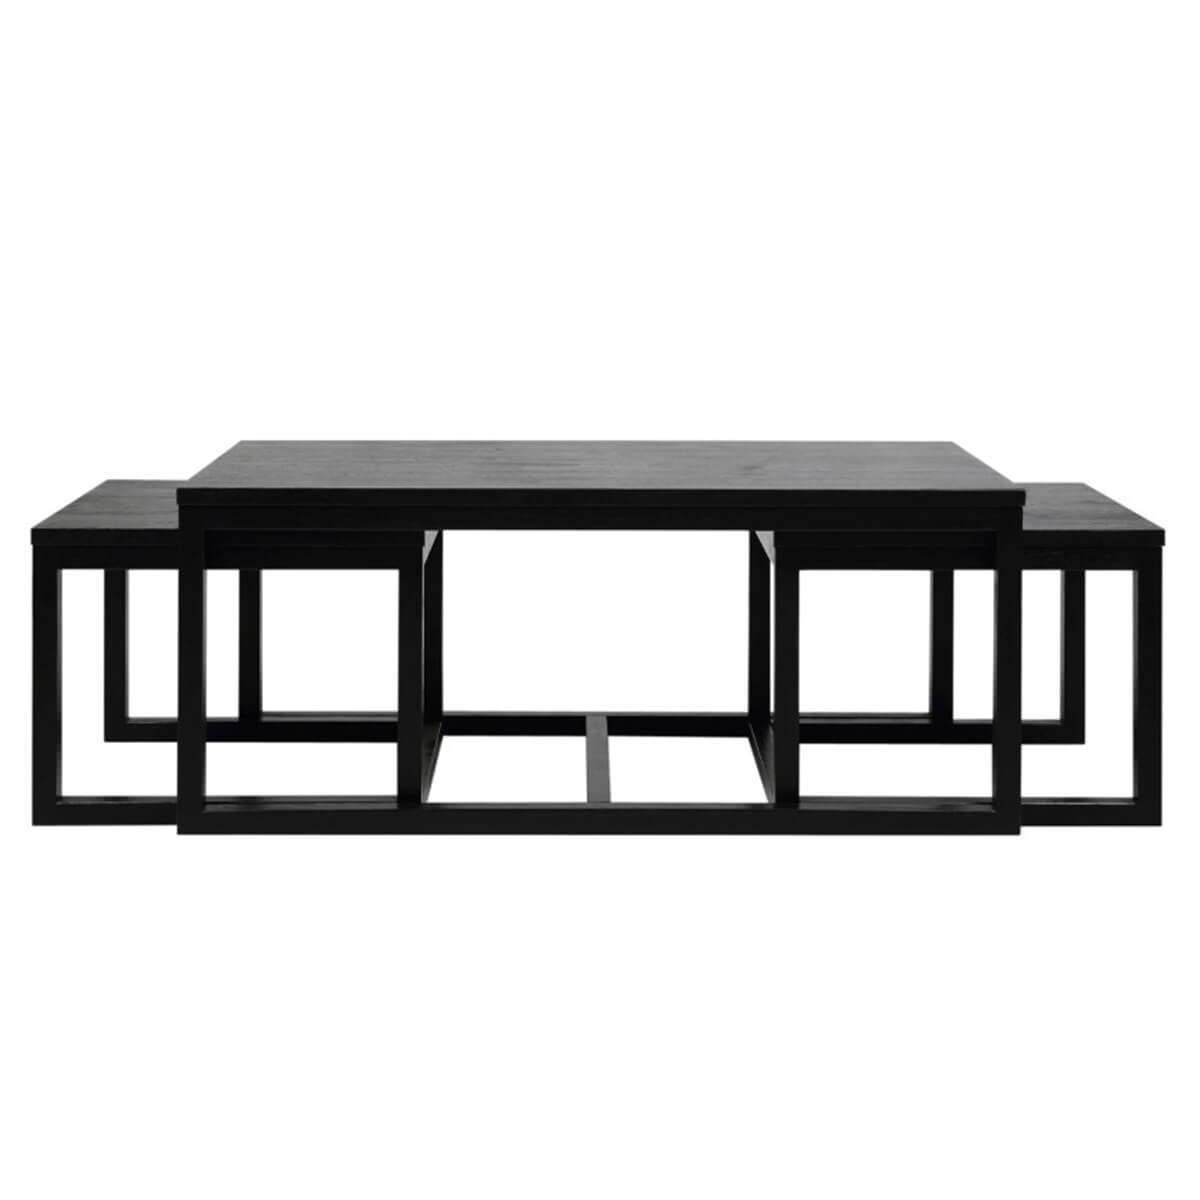 curb set of 3 black ash veneer coffee tables